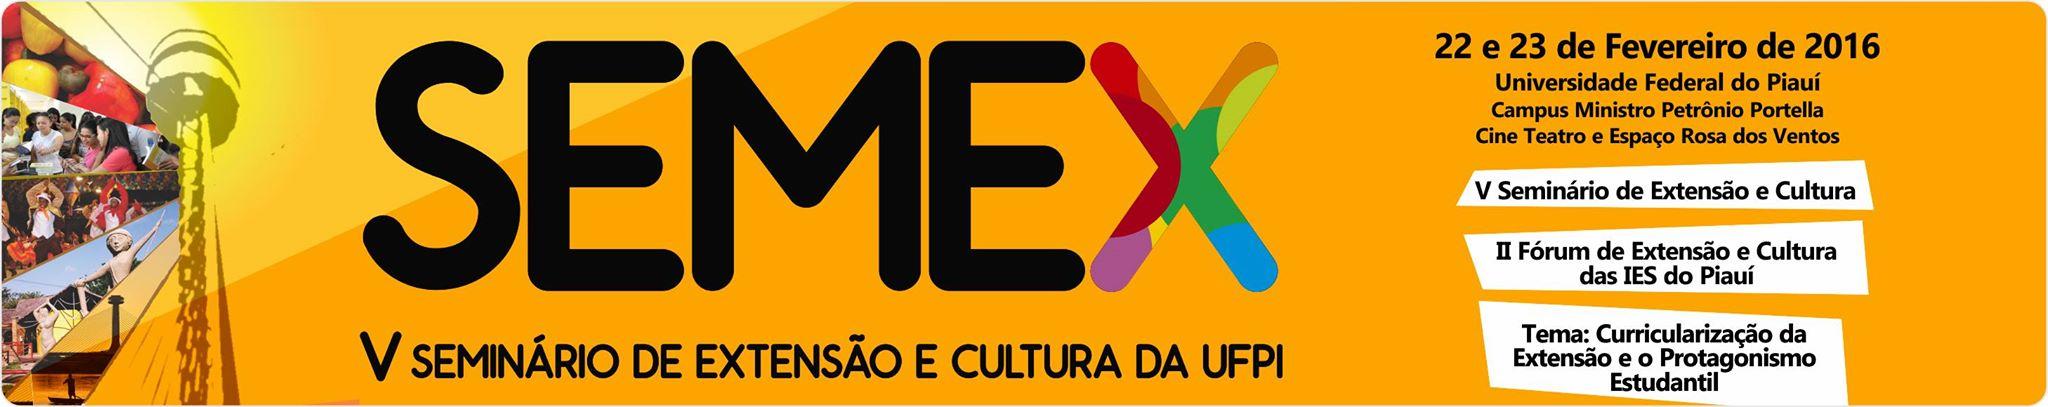 V Seminário de Extensão e Cultura da UFPI